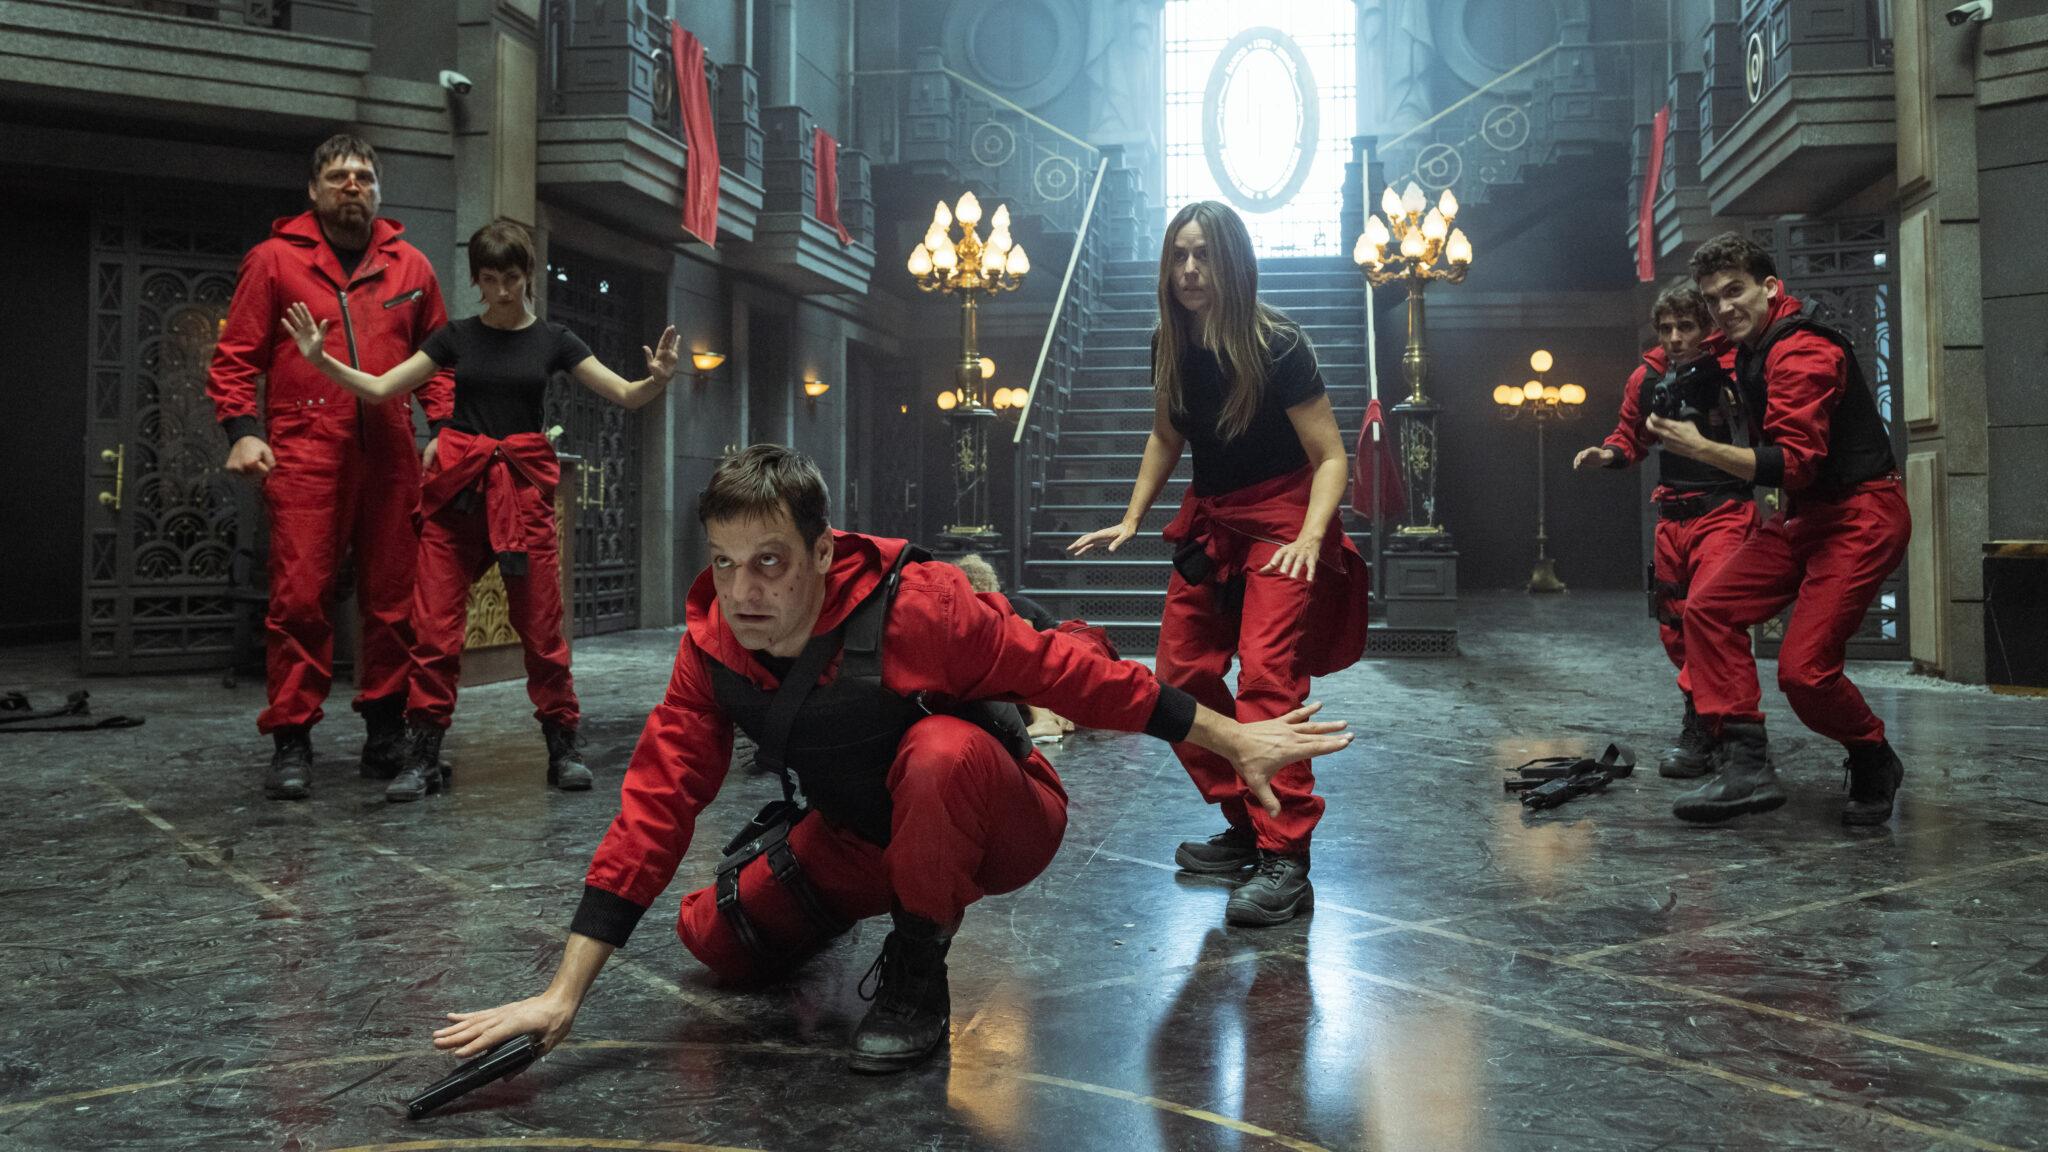 Man sieht 6 Mitglieder der Diebesbande aus Haus des Geldes in ihren ikonischen roten Overalls im Foyer des Bankgebäudes.